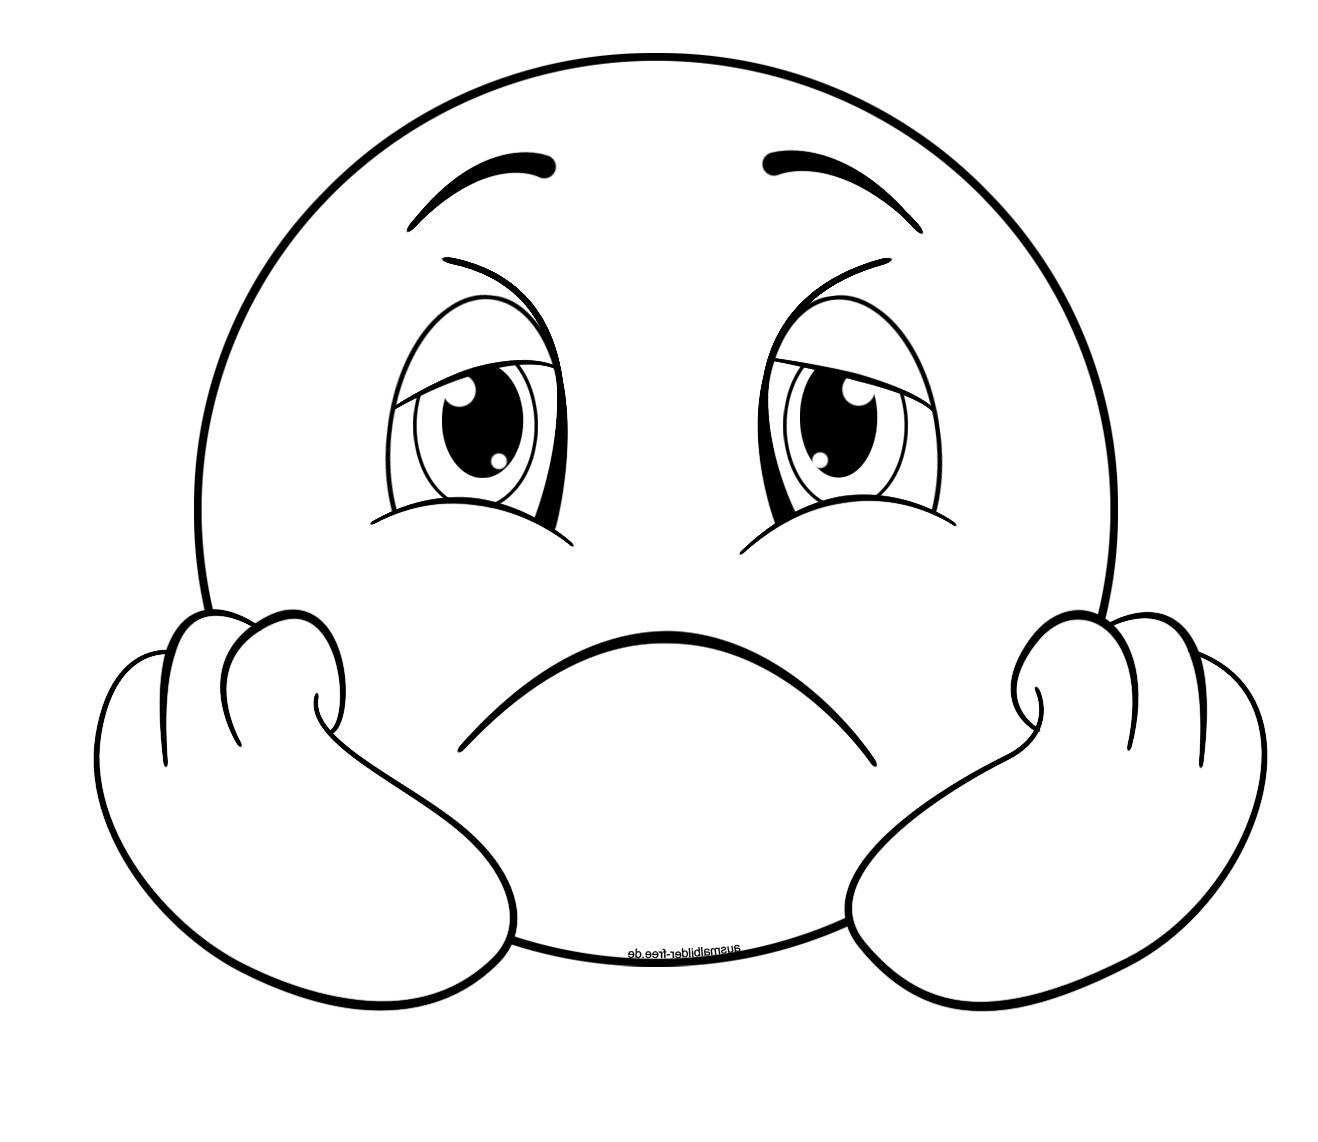 Emojis Zum Ausmalen Inspirierend 37 Beste Von Ausmalbilder Emoji – Große Coloring Page Sammlung Fotografieren